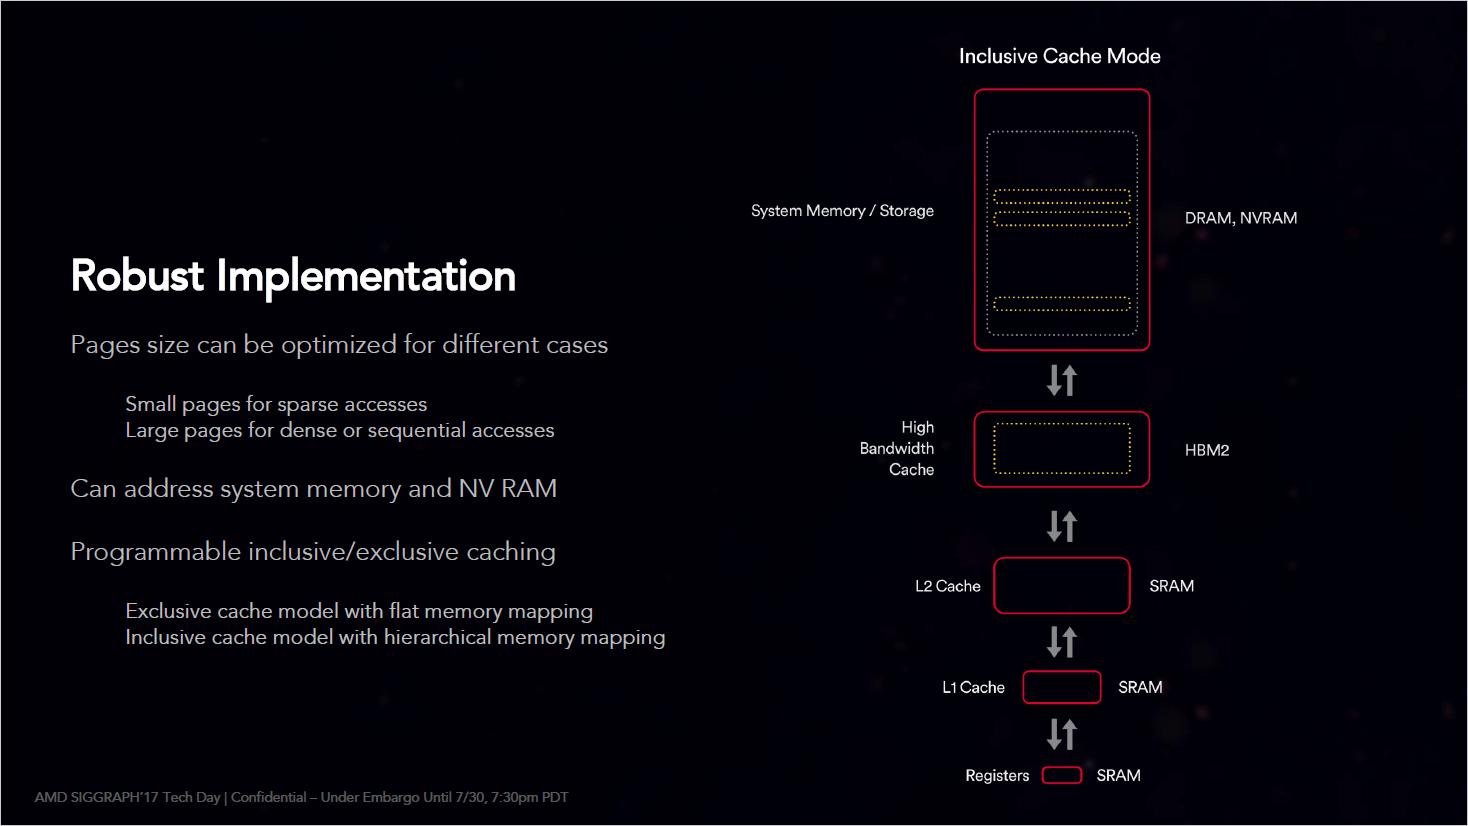 Radeon RX Vega 64 im Test: Schnell und durstig mit Potenzial - ... oder inklusiv. (Bild: AMD)